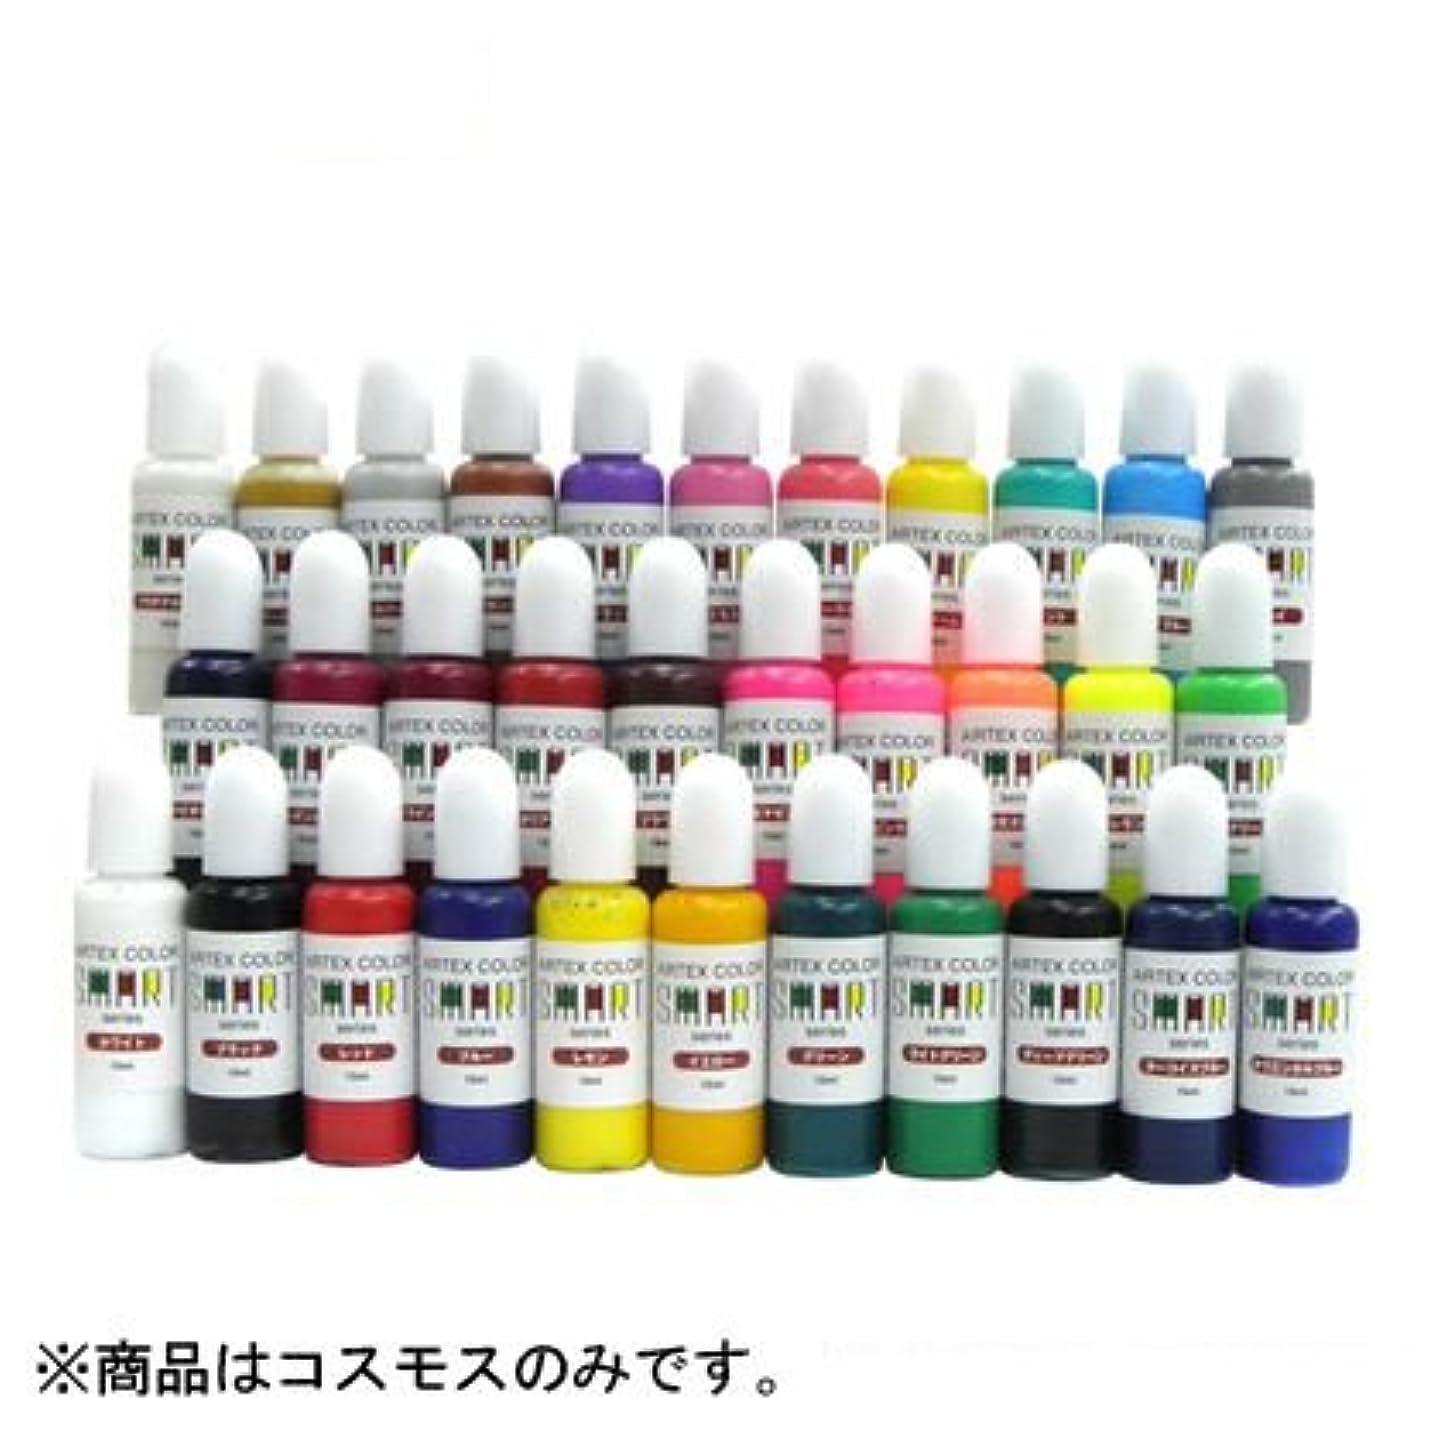 エアテックス カラースマートシリーズ コスモス ACS27